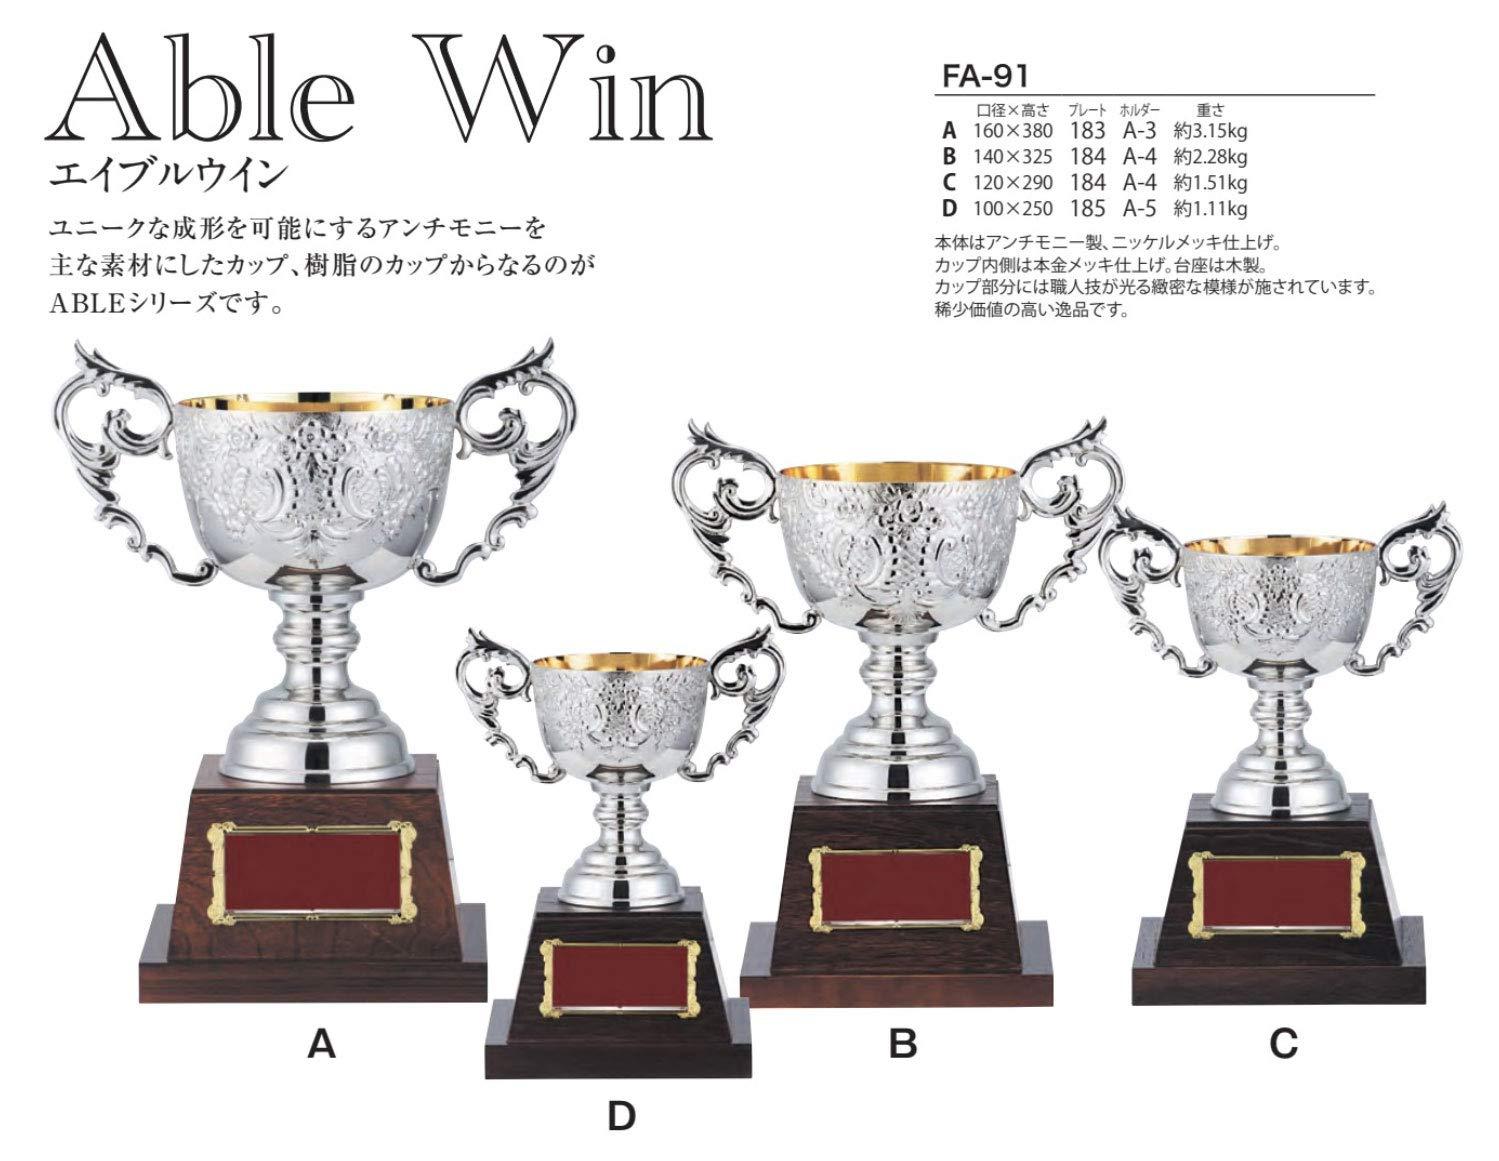 Able Win 優勝カップ  FA-91 B07JG4ZBLS Cタイプ